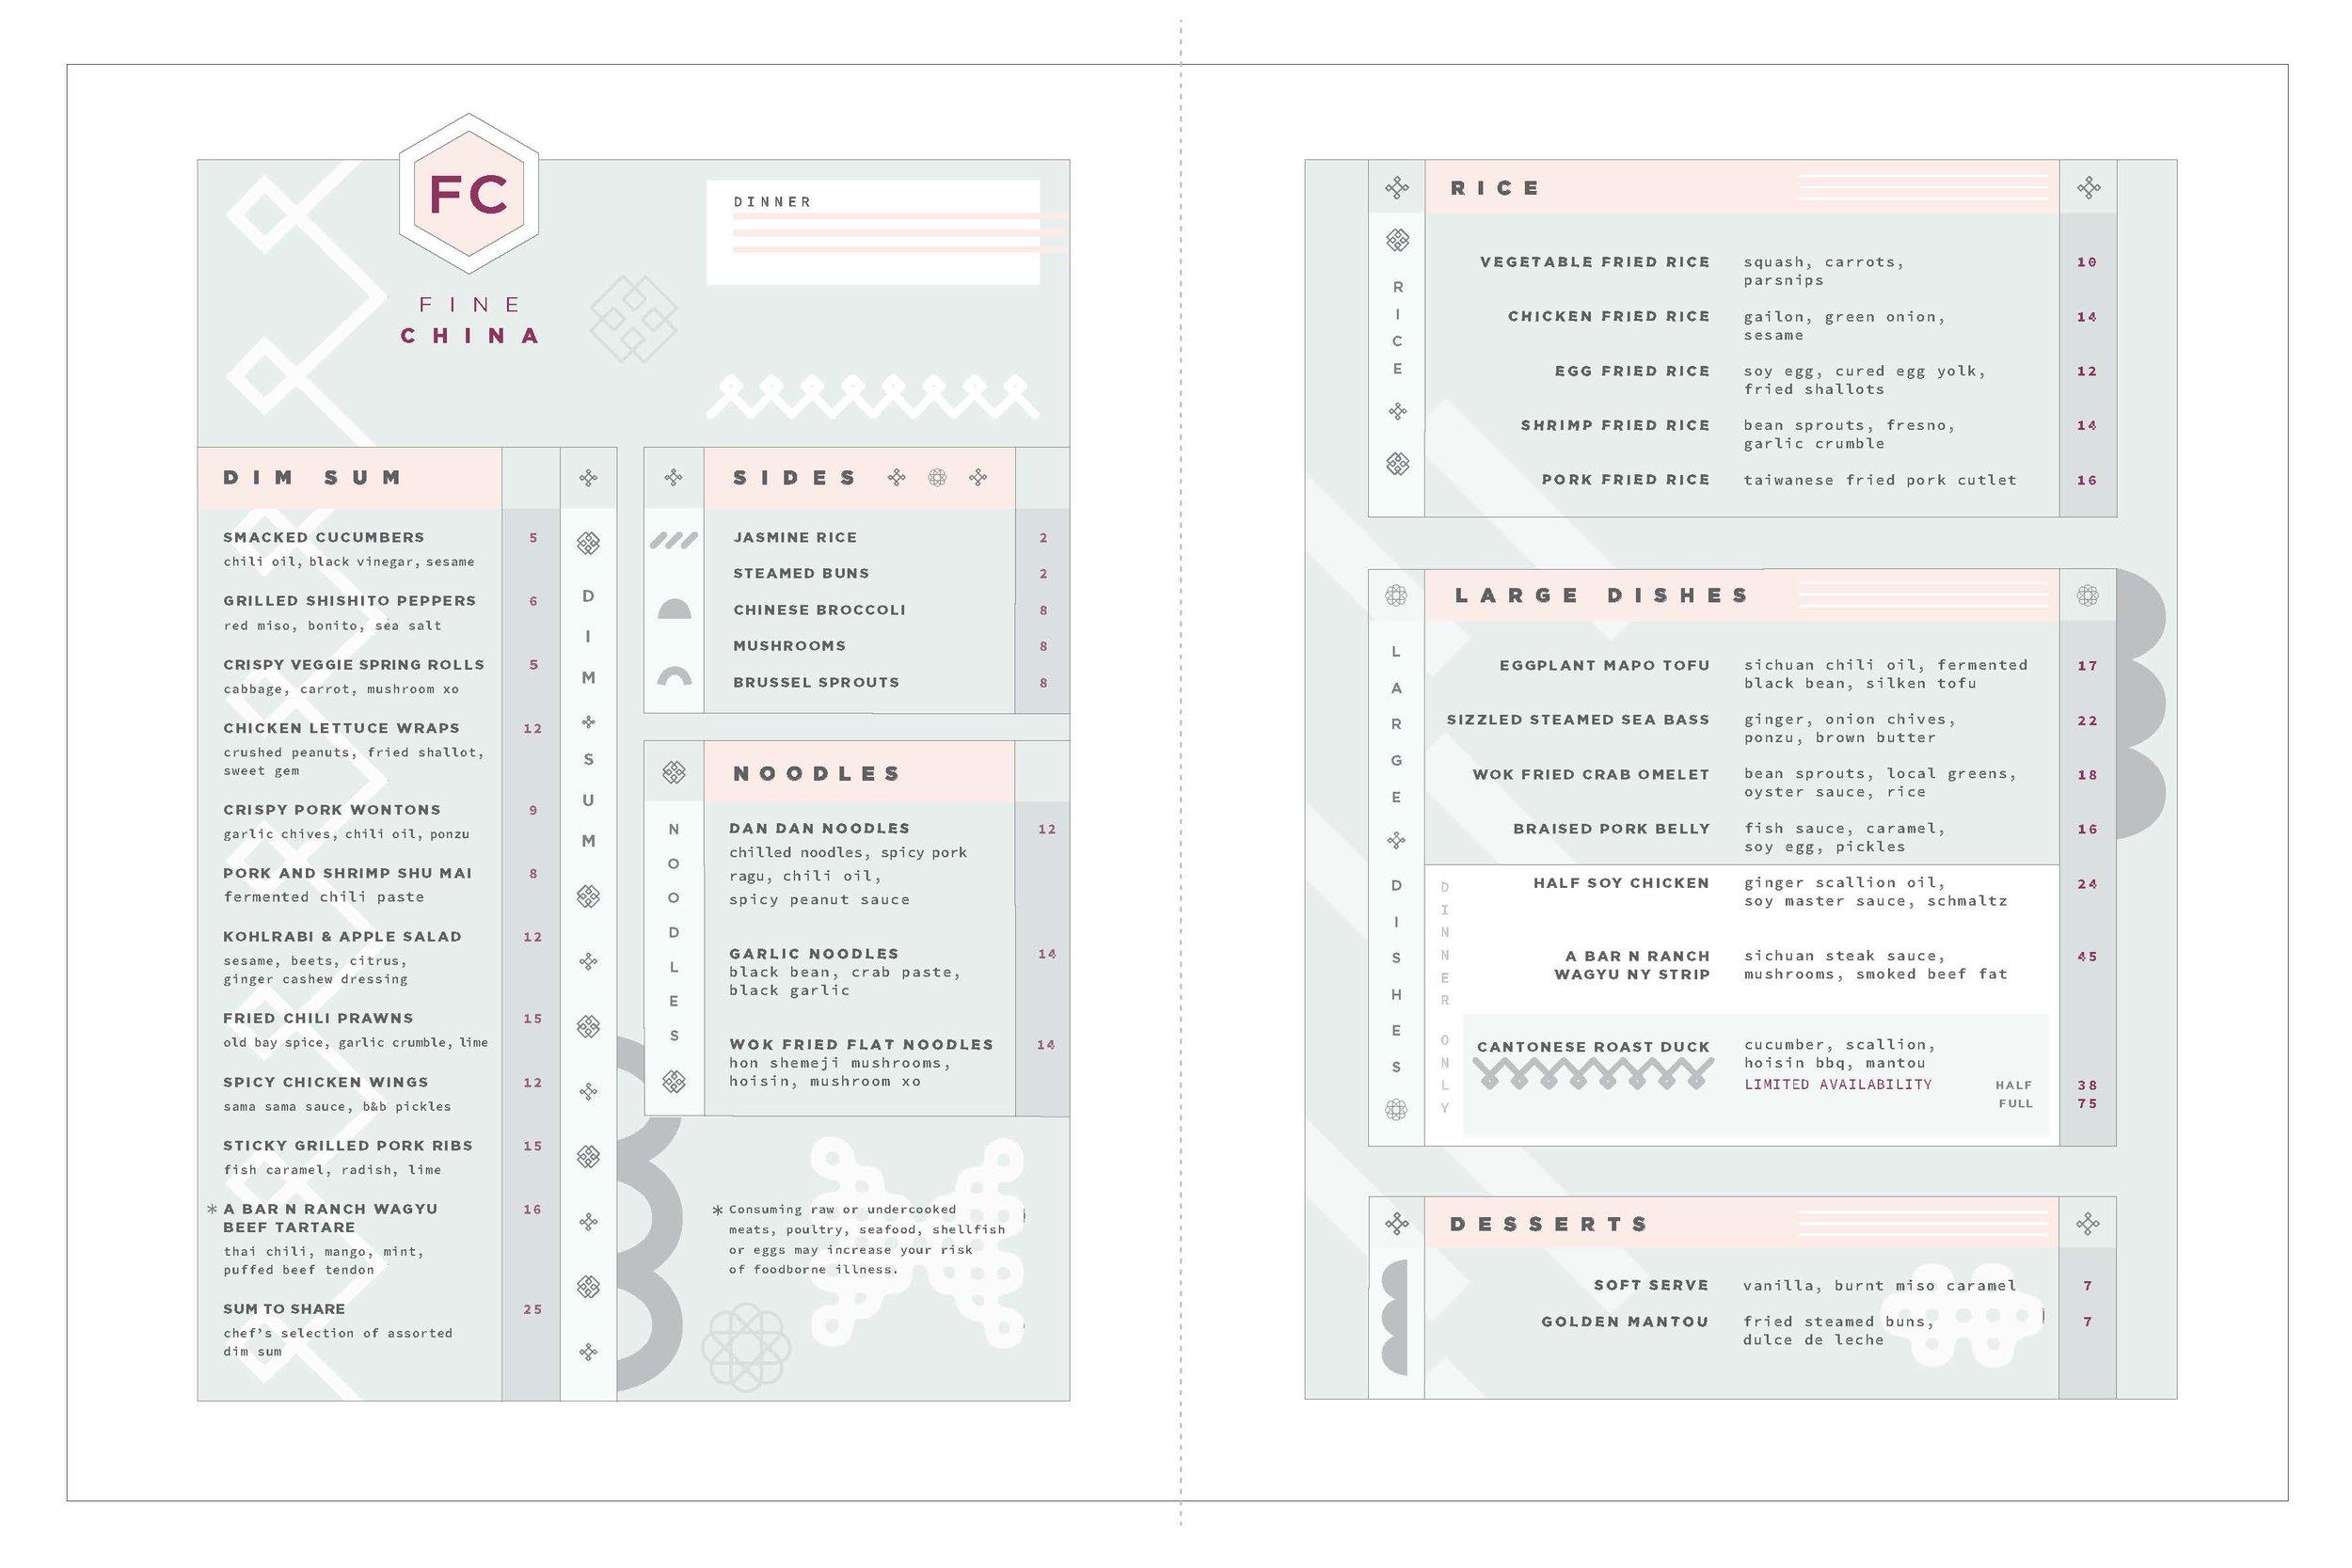 Fine China Dinner Menu digital preview 102218 (1)_Page_2.jpg